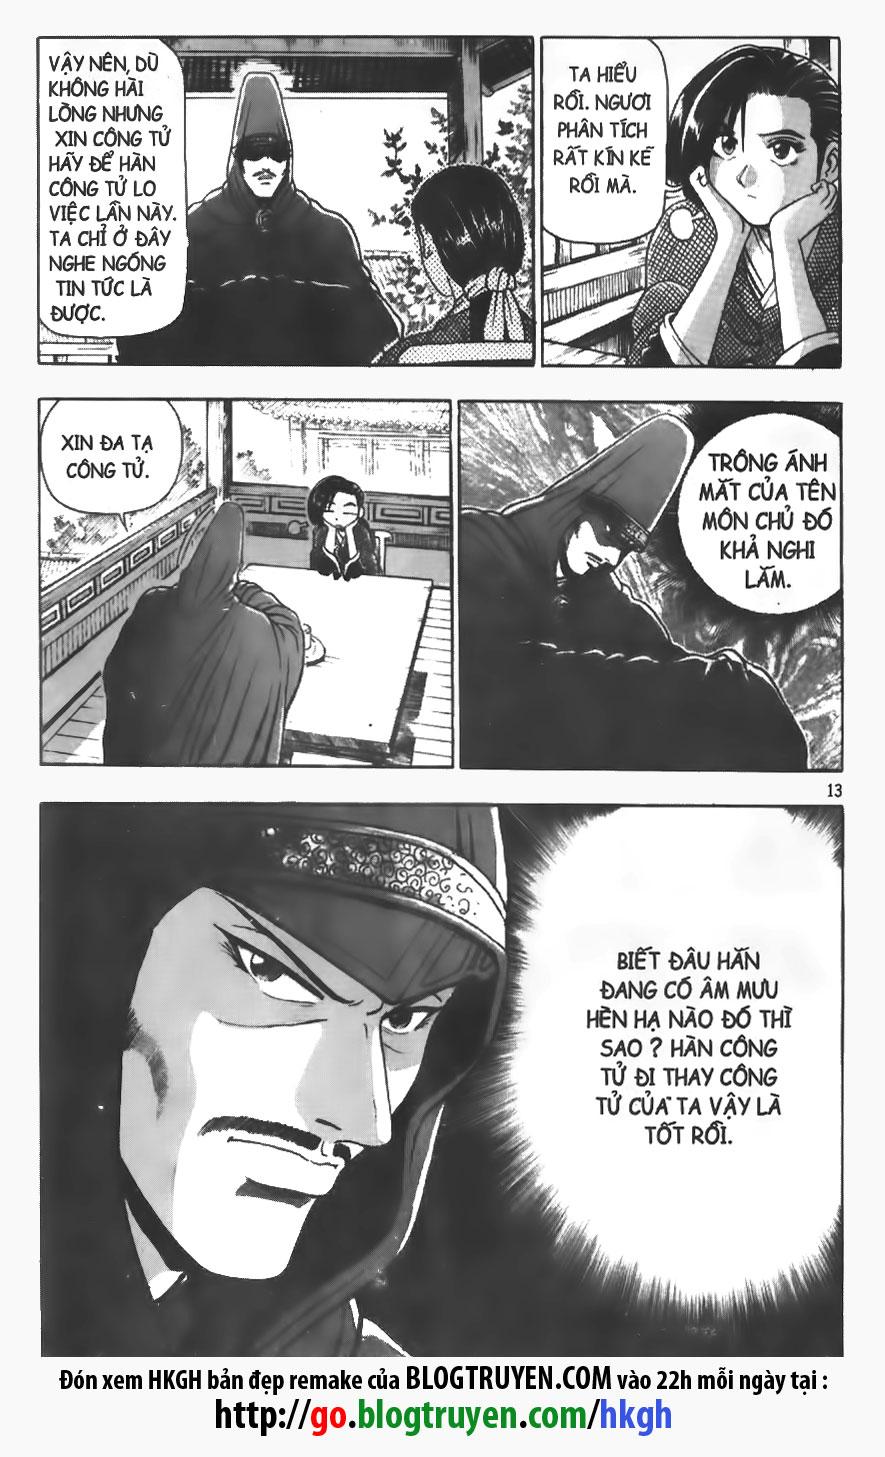 xem truyen moi - Hiệp Khách Giang Hồ Vol18 - Chap 117 - Remake